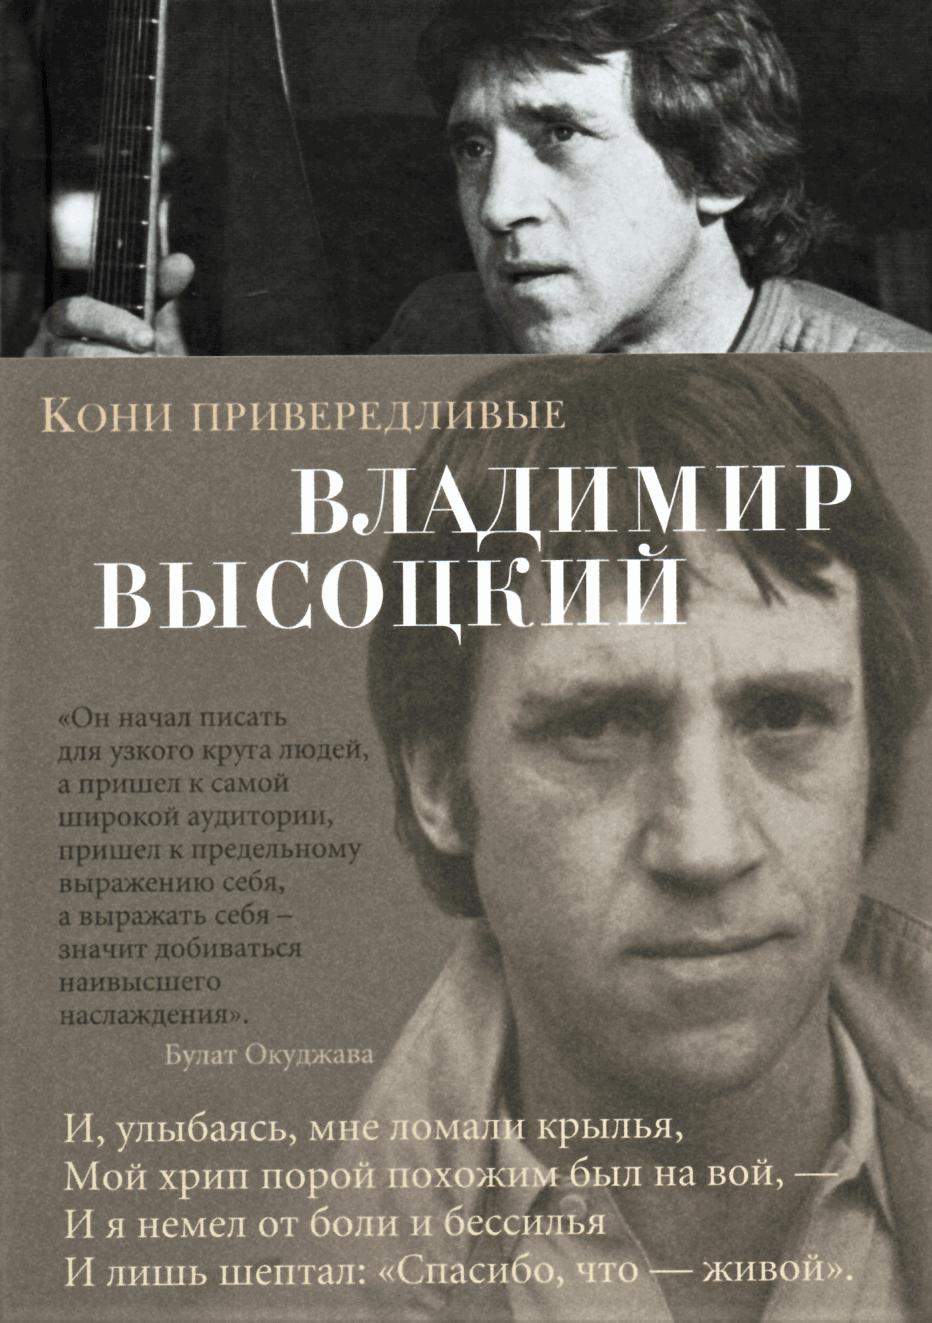 Кони привередливые: стихотворения. Владимир Высоцкий